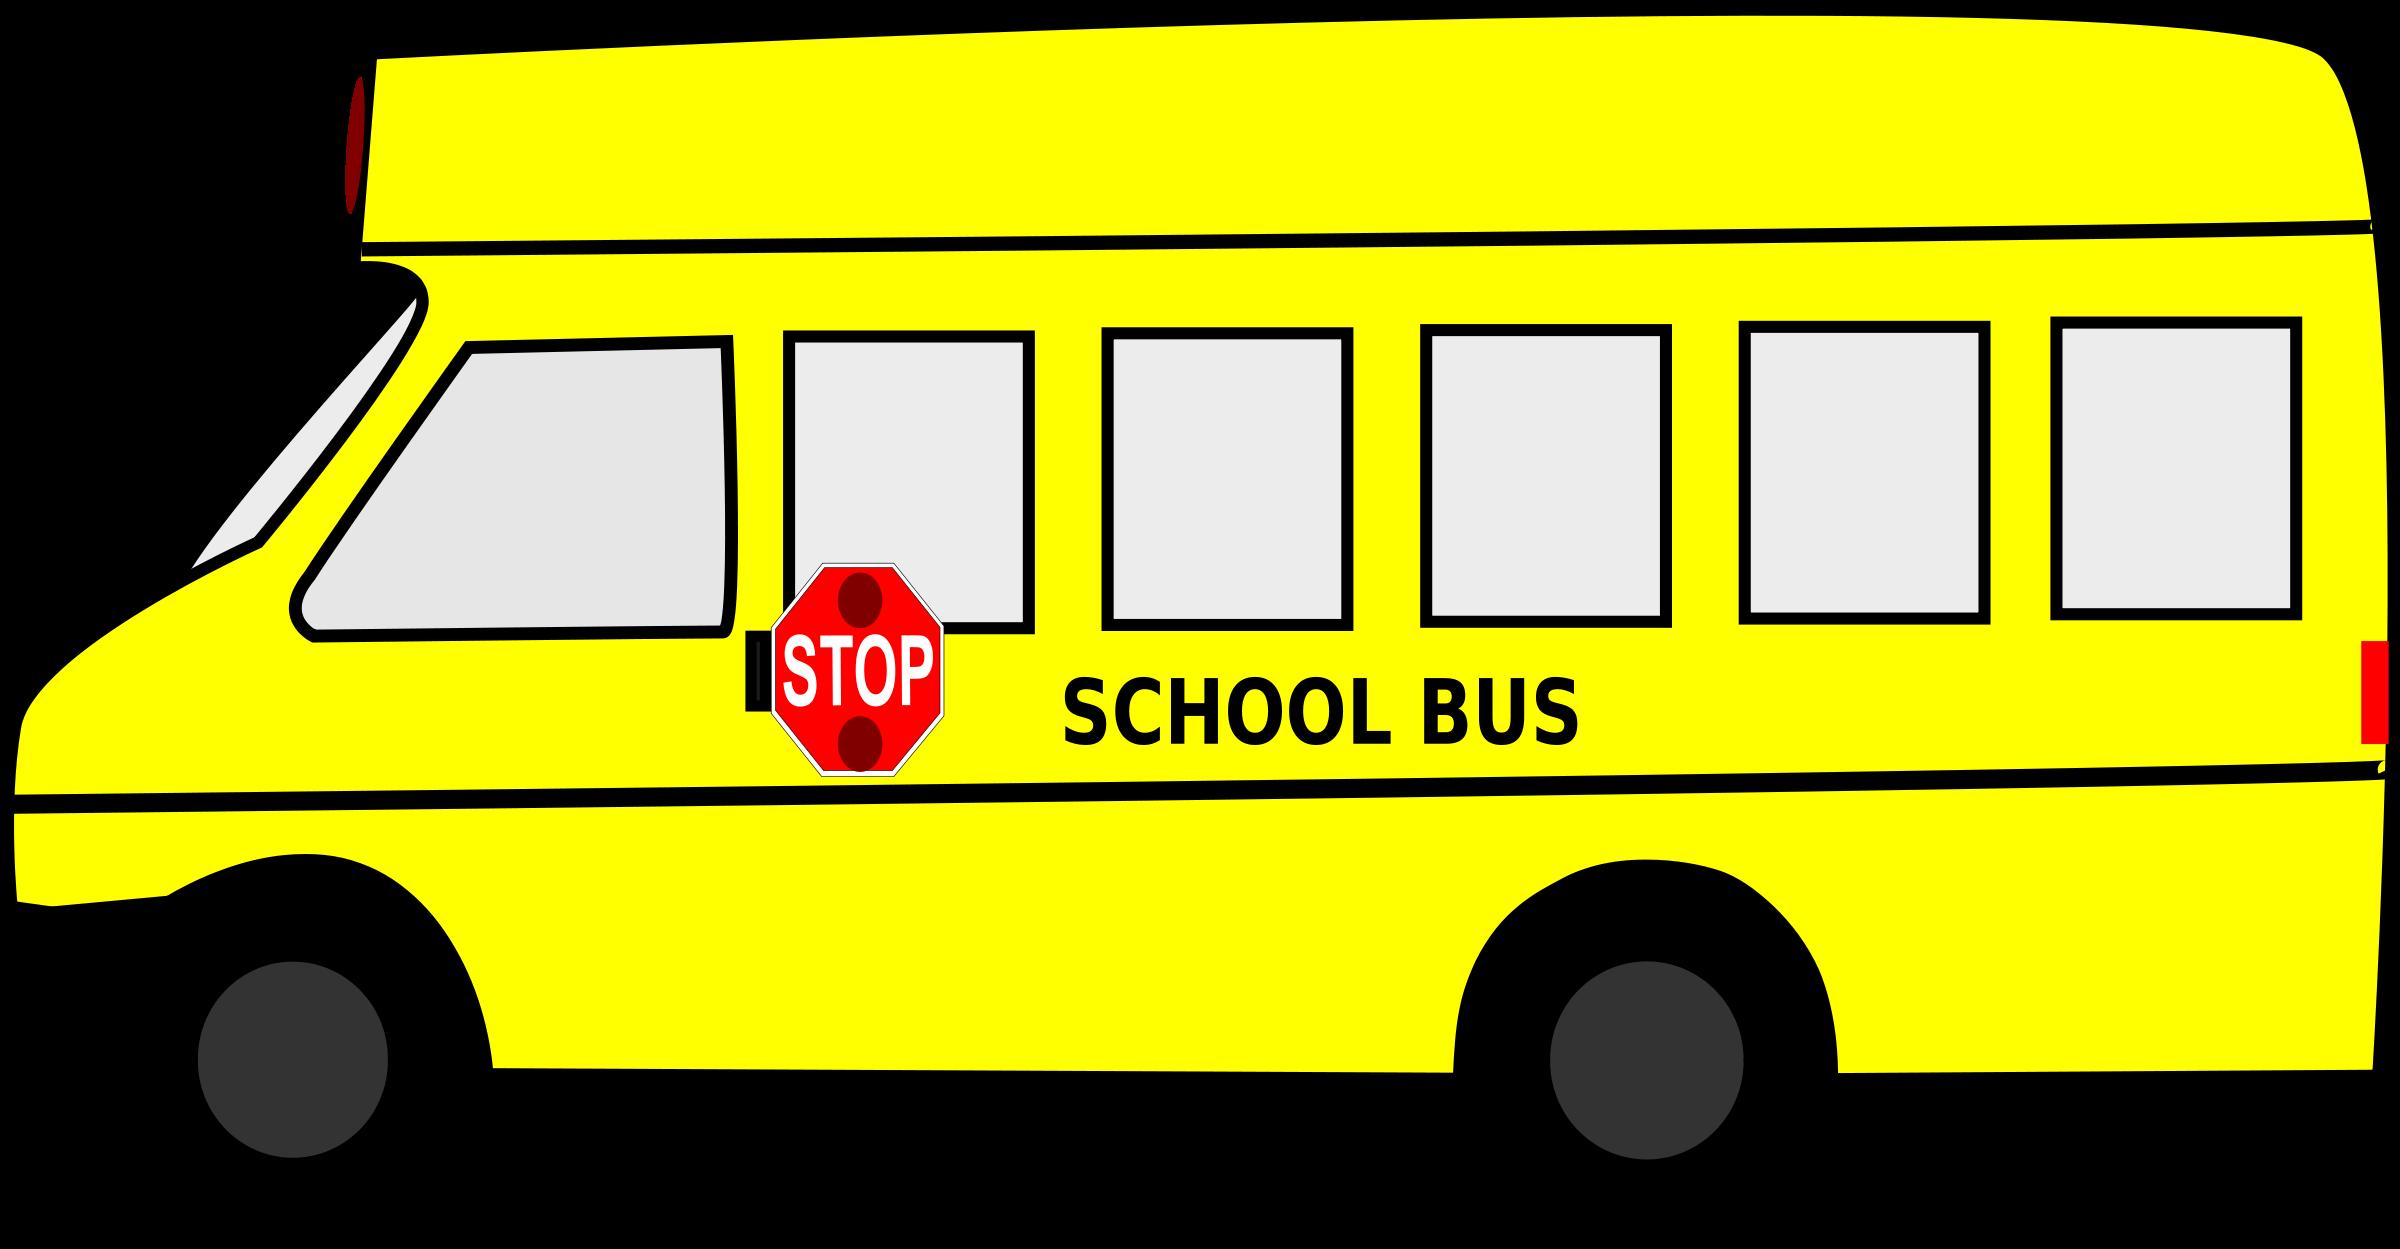 of school bus clipart bus 20clip 20art schoolfreeware School Buspng 2400x1249